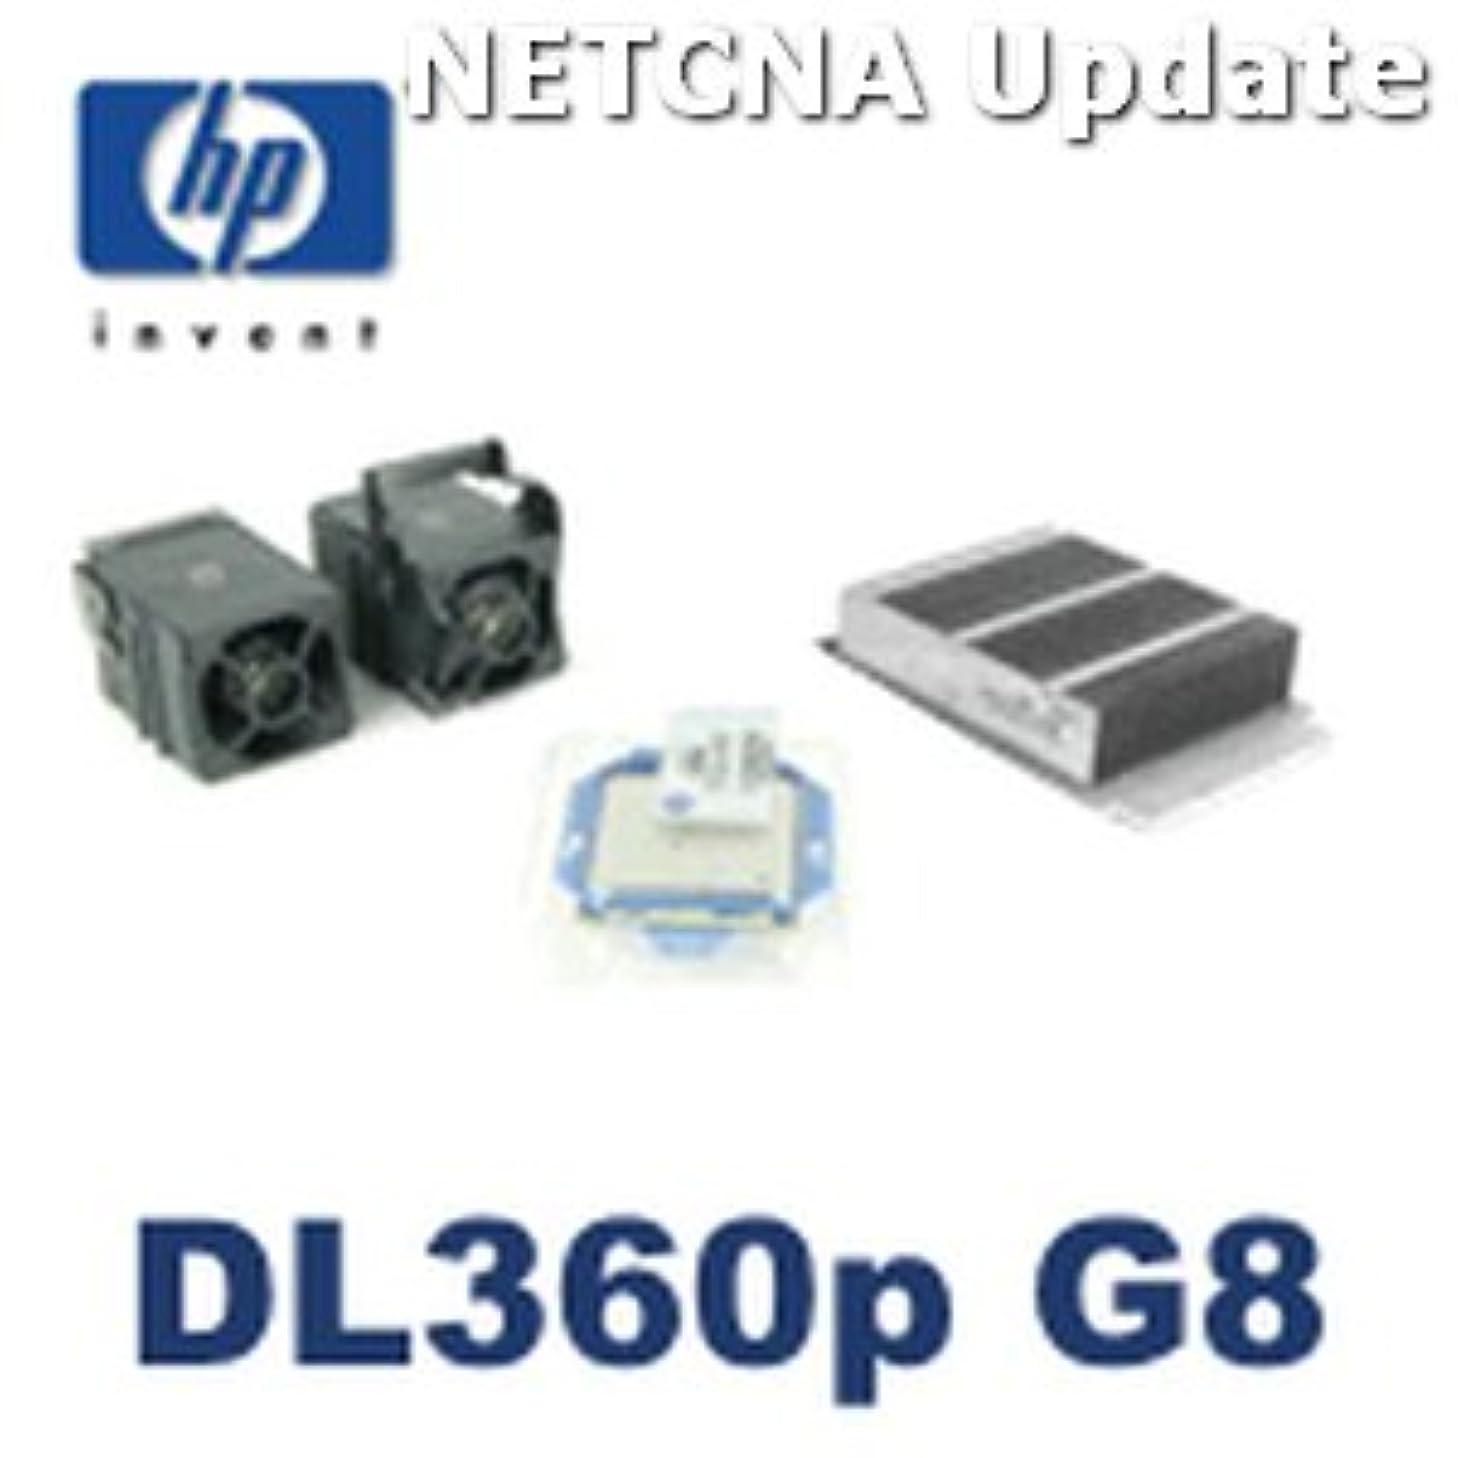 エンディングフィットネス誓う664011-b21 HP Xeon e5 – 2690 2.9 GHz dl360p g8互換製品by NETCNA